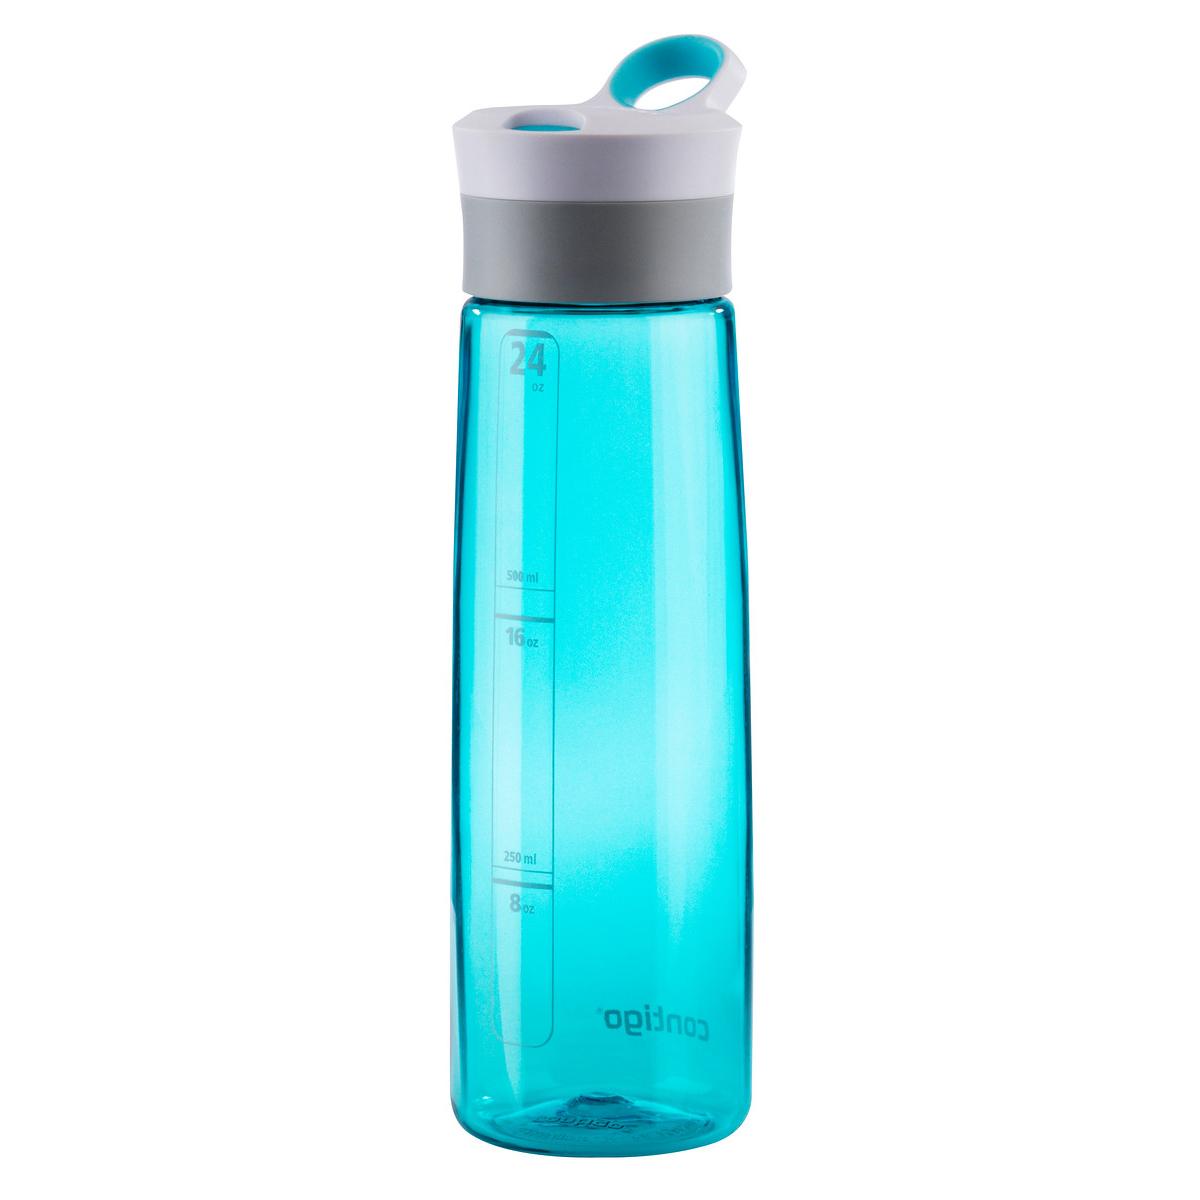 Бутылка для воды Contigo Grace, 750 млVT-1520(SR)Бутылка для воды Contigo Grace сделана из ударопрочного пластика.Удобный носик для питья. Уникальная технология Autoseal обеспечивает особый комфорт во время питья. Автоматический клапан закрывается после каждого глотка и исключает проливание напитка.Объем 750 мл.